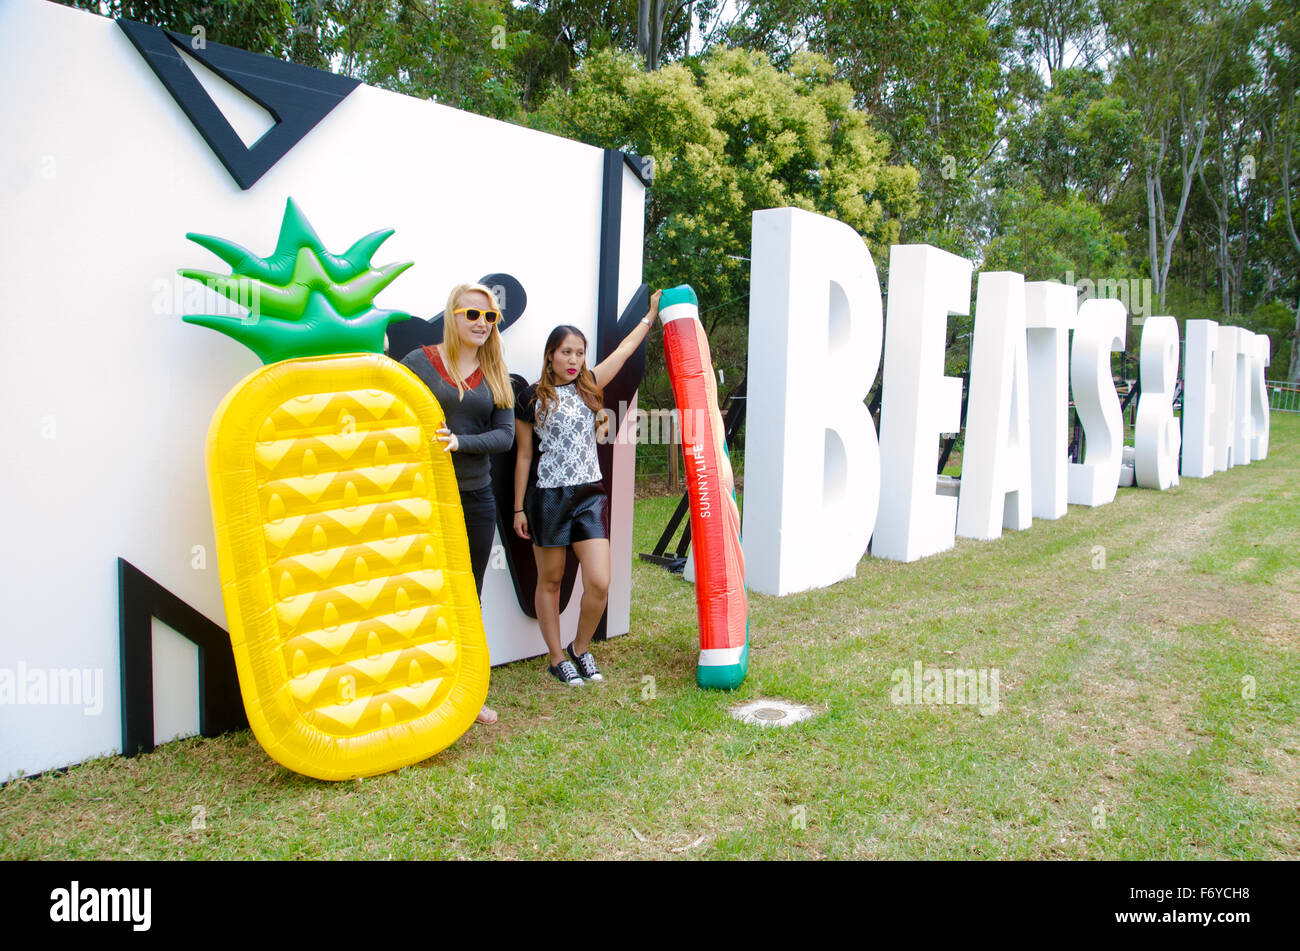 Sydney, Australien. 21. November 2015. MTV schlägt und isst Music Festival-Logo angezeigt. Das Festival fand Stockbild